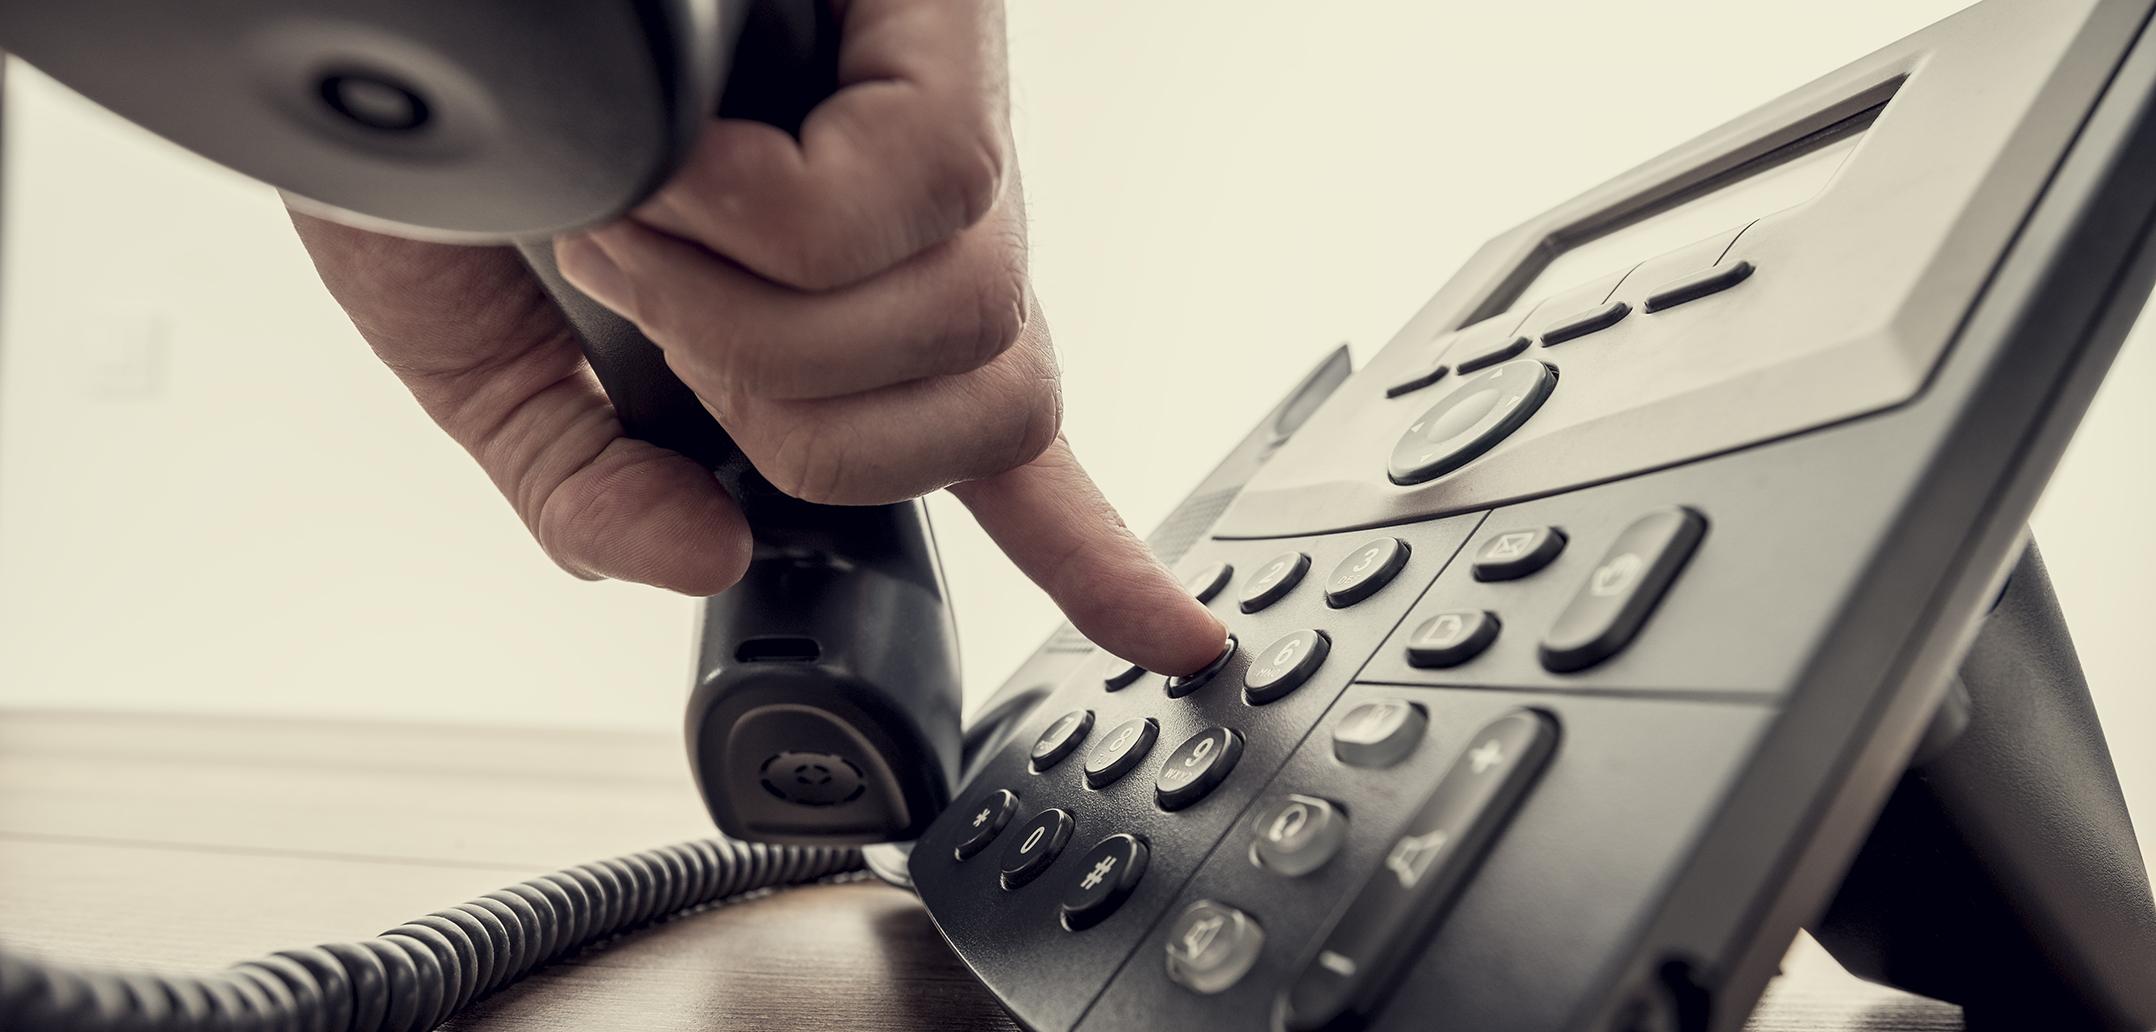 Фиксированная телефония